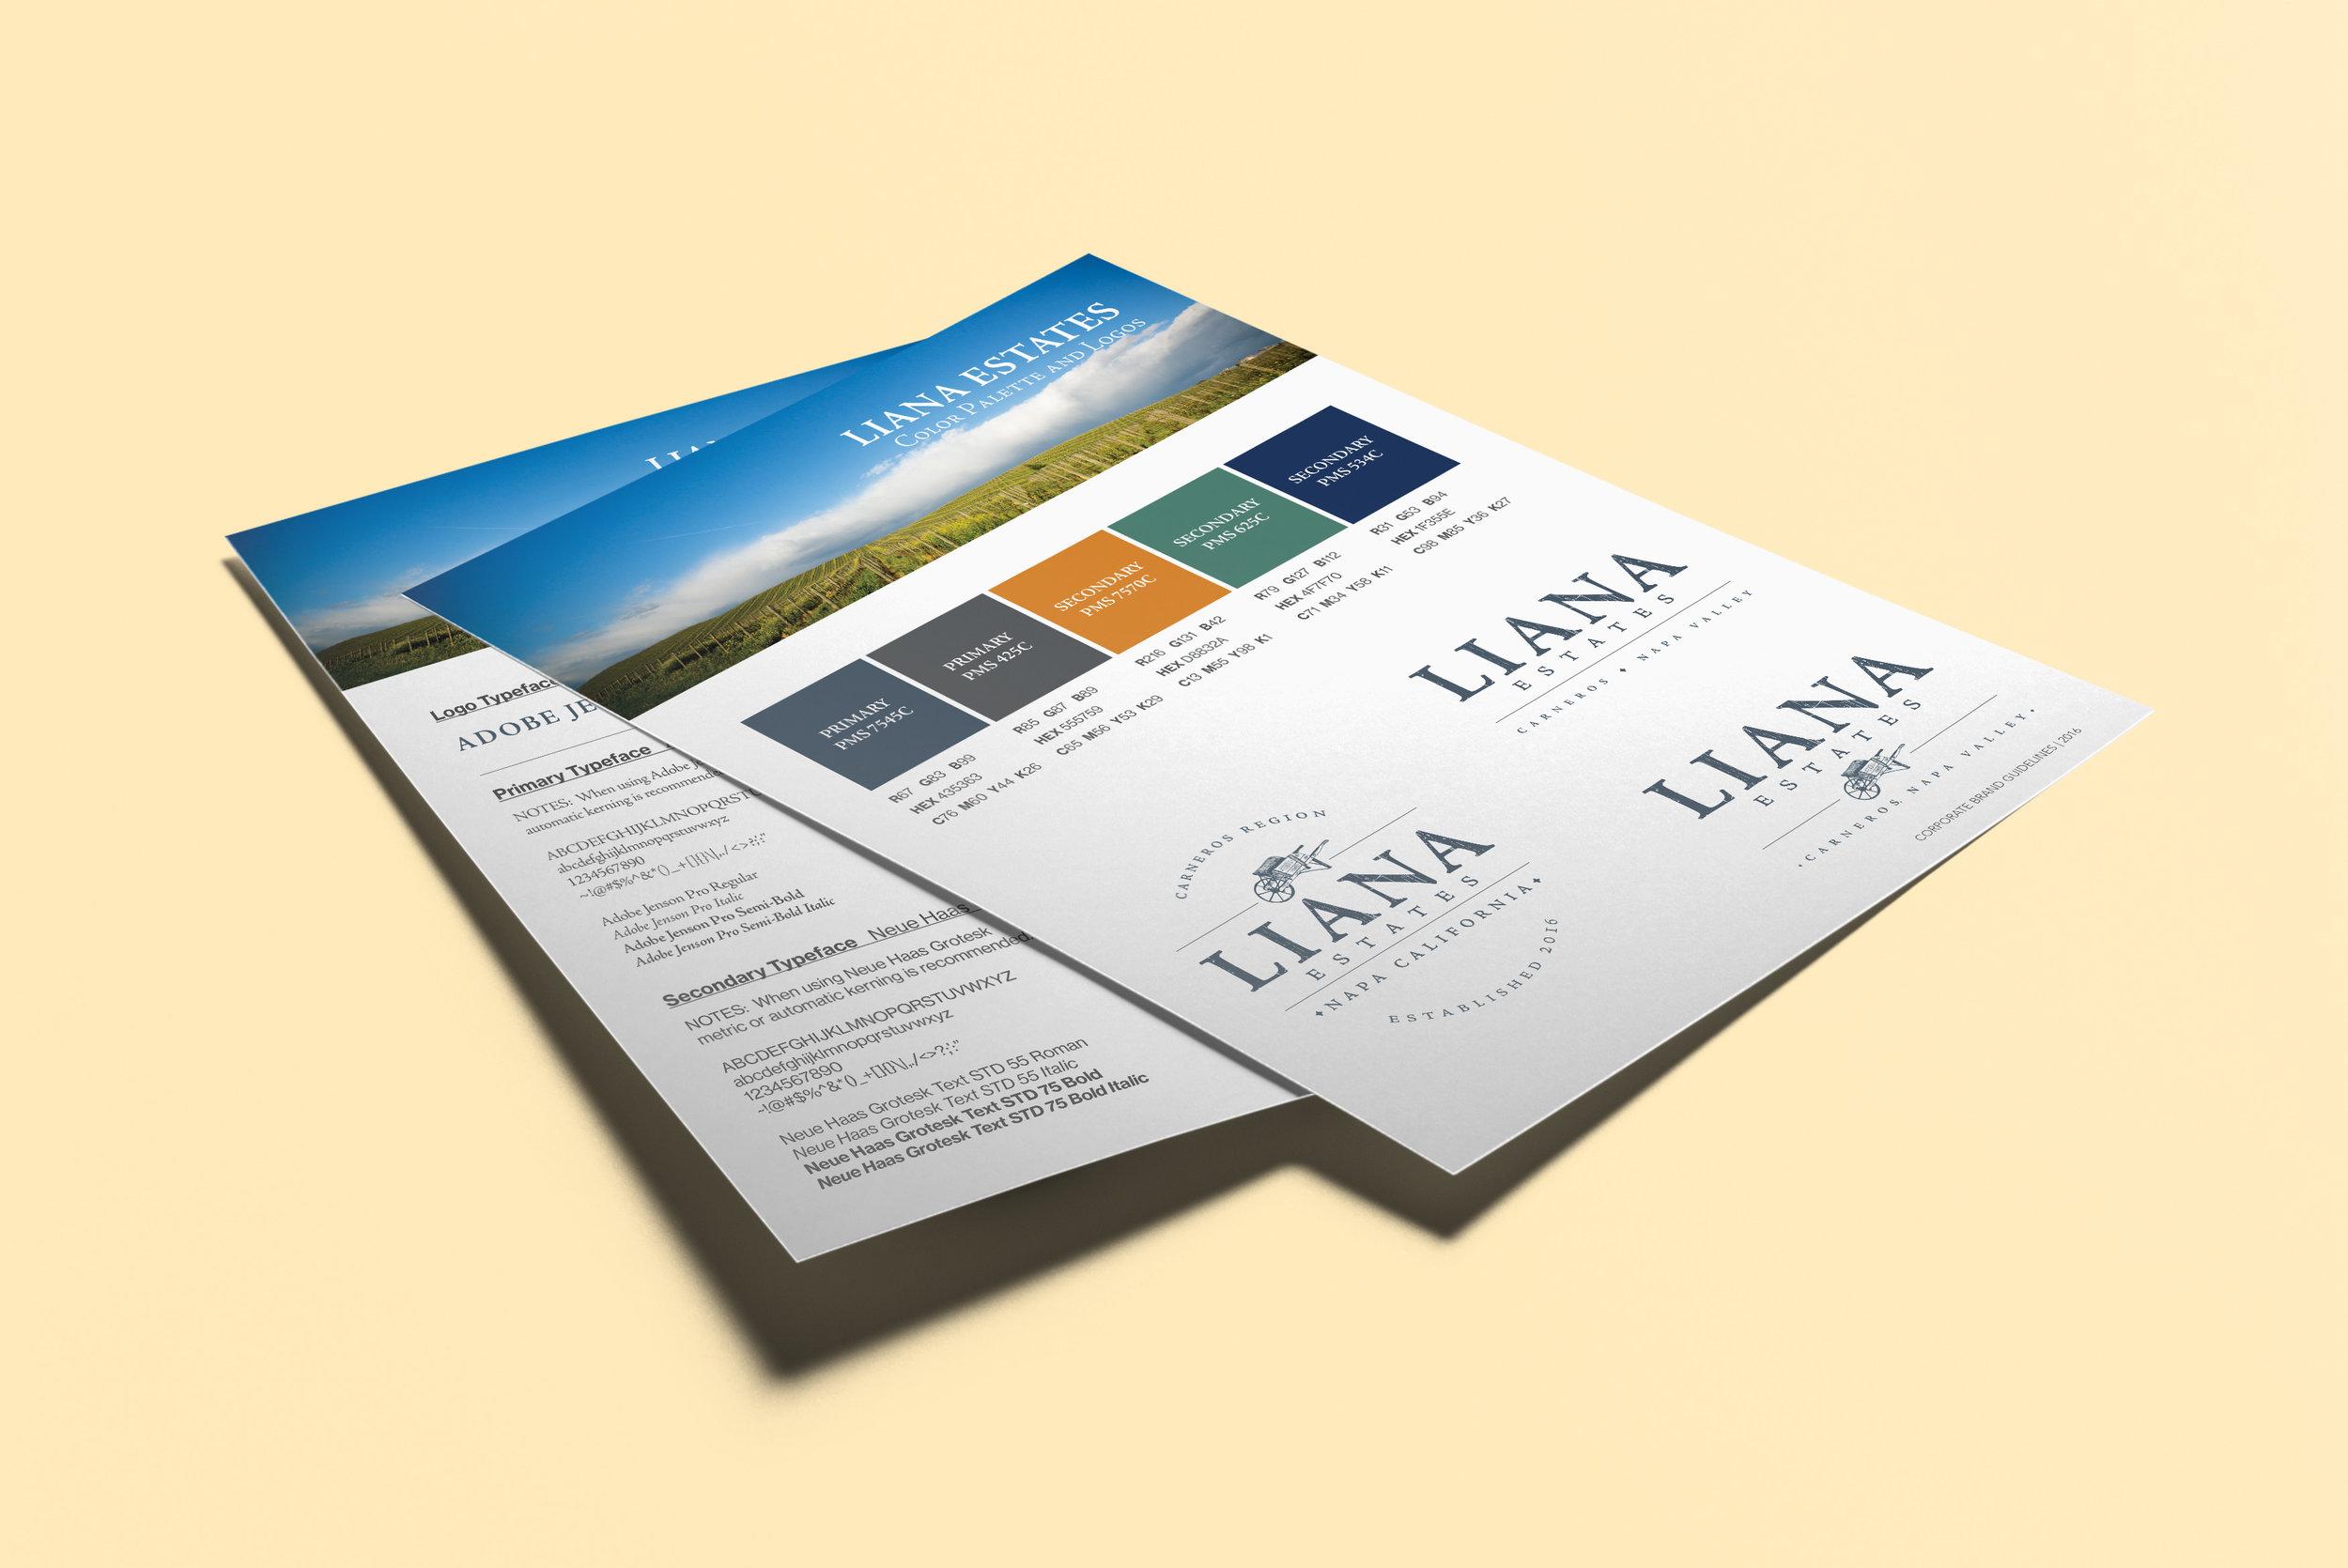 Liana_03-flyer-letter.jpg